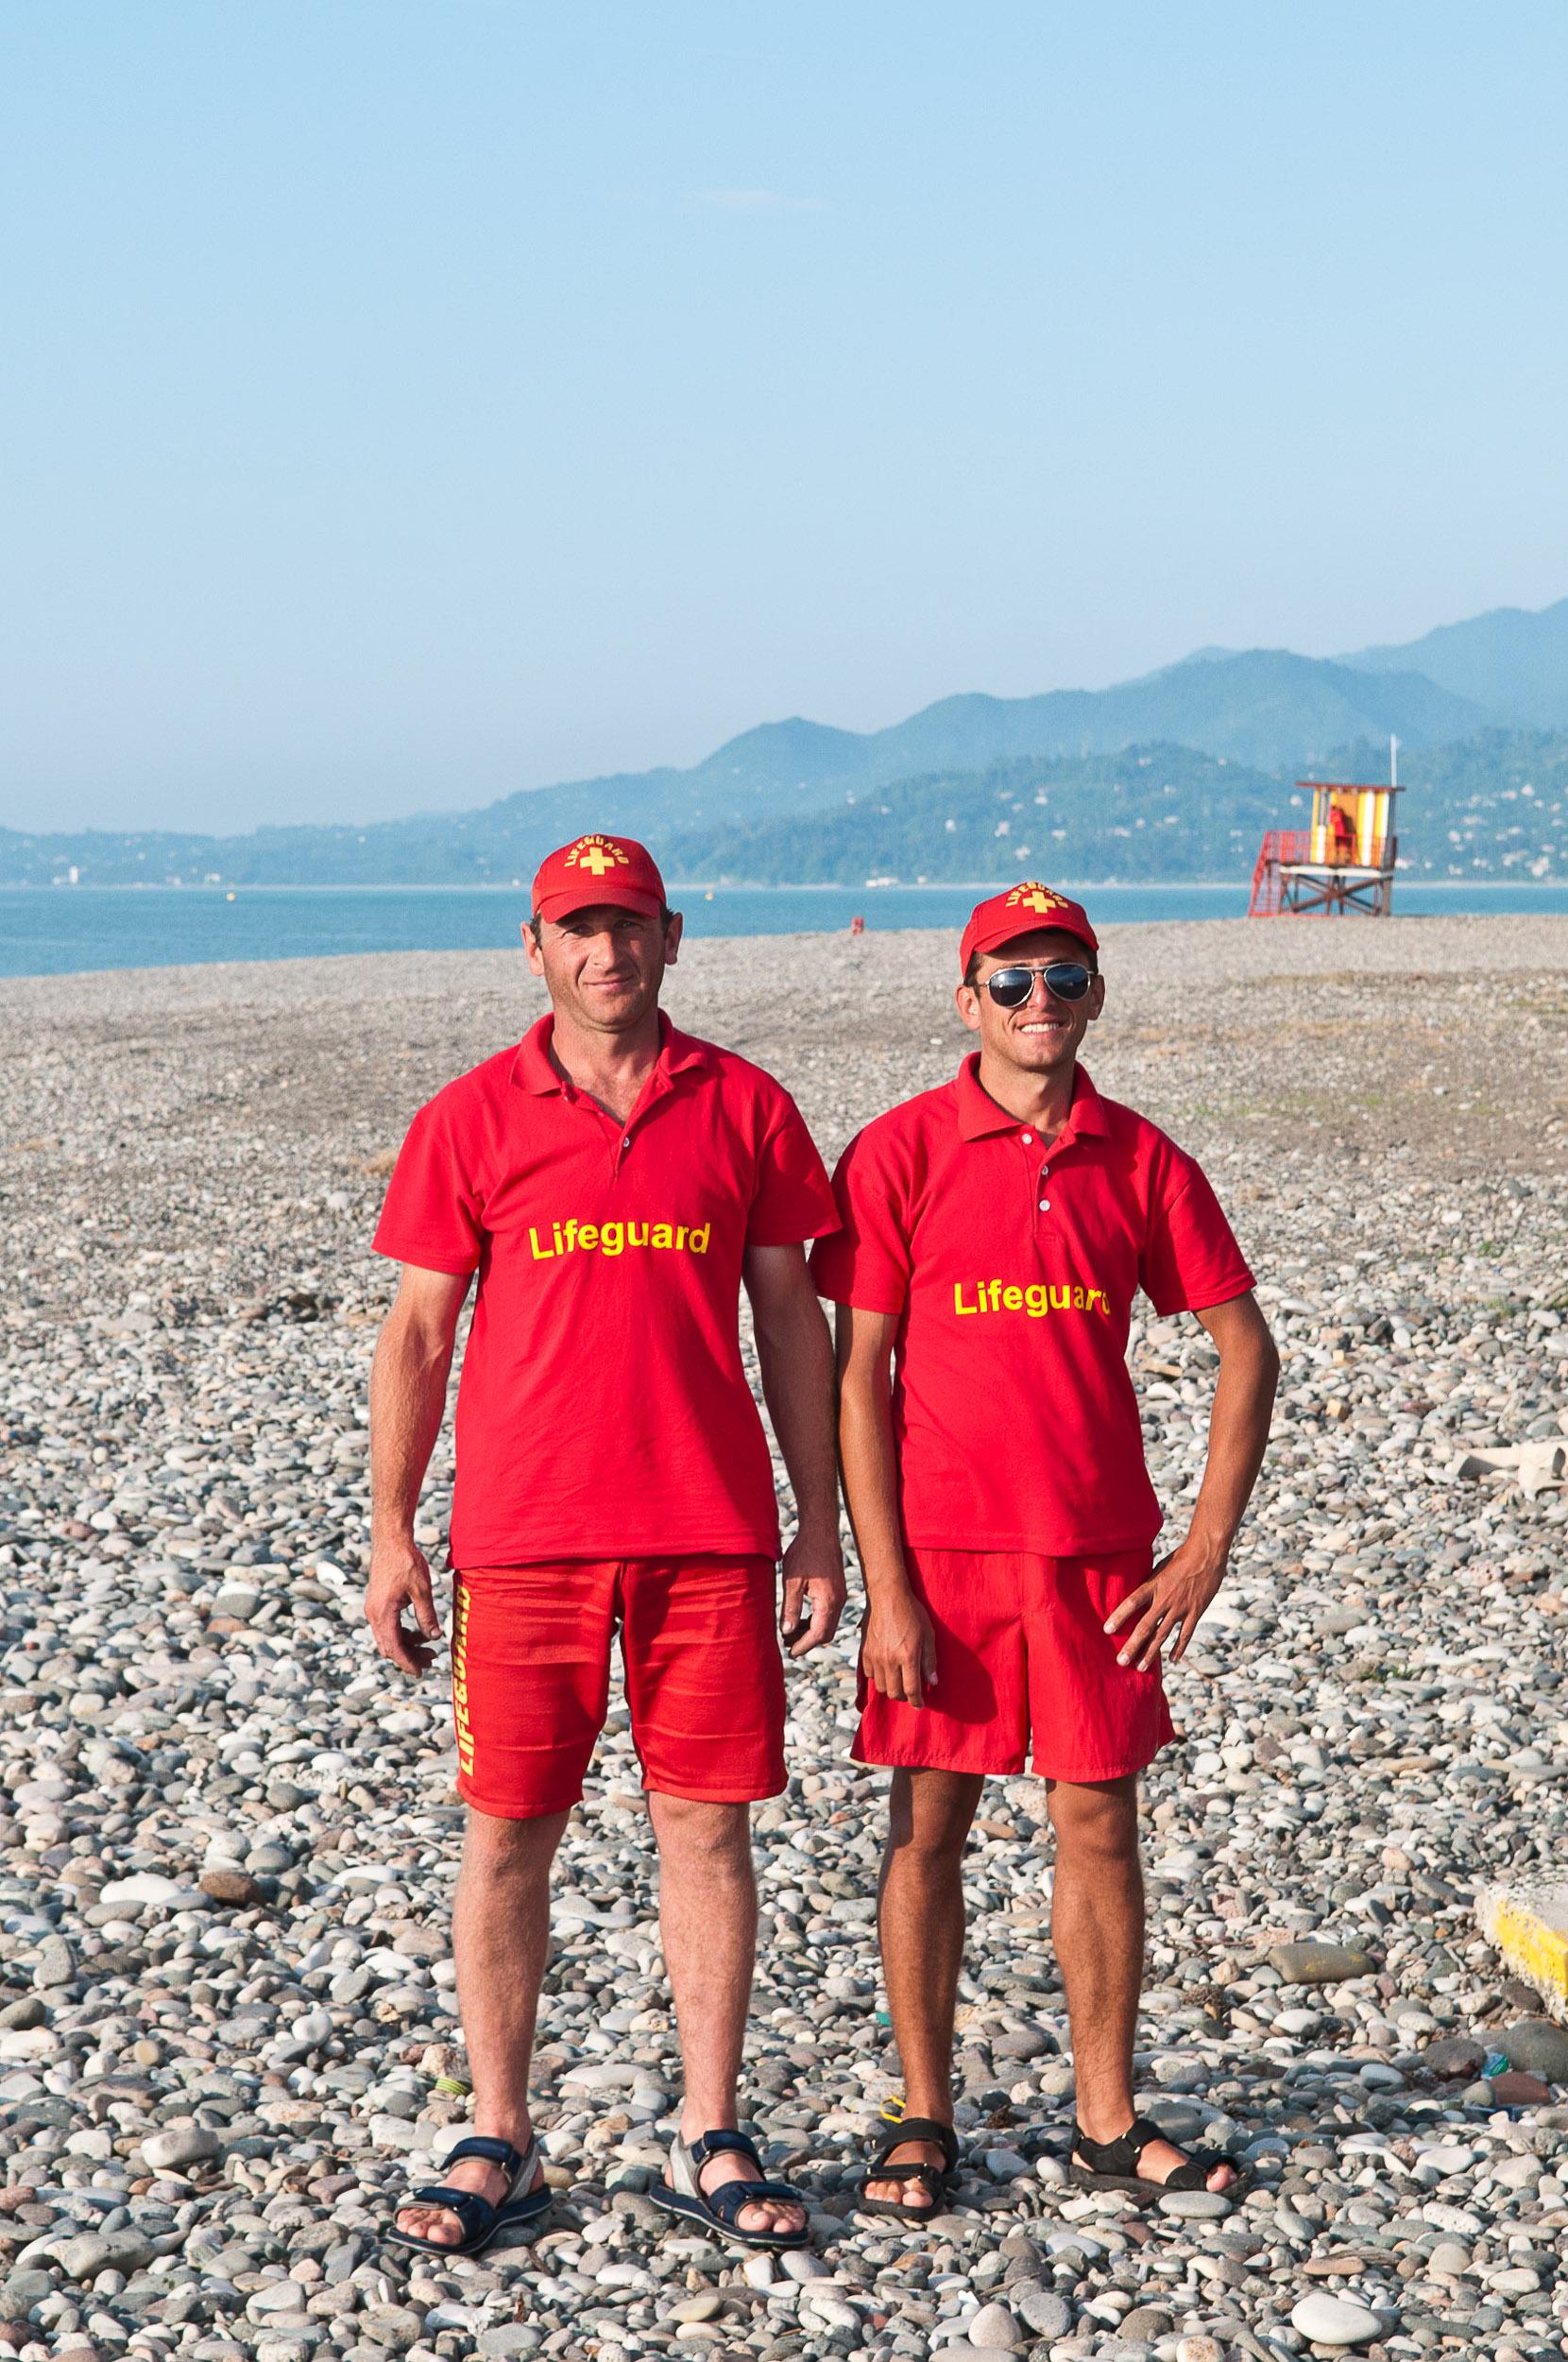 Lifeguard's on the beach at Batumi, Georgia.